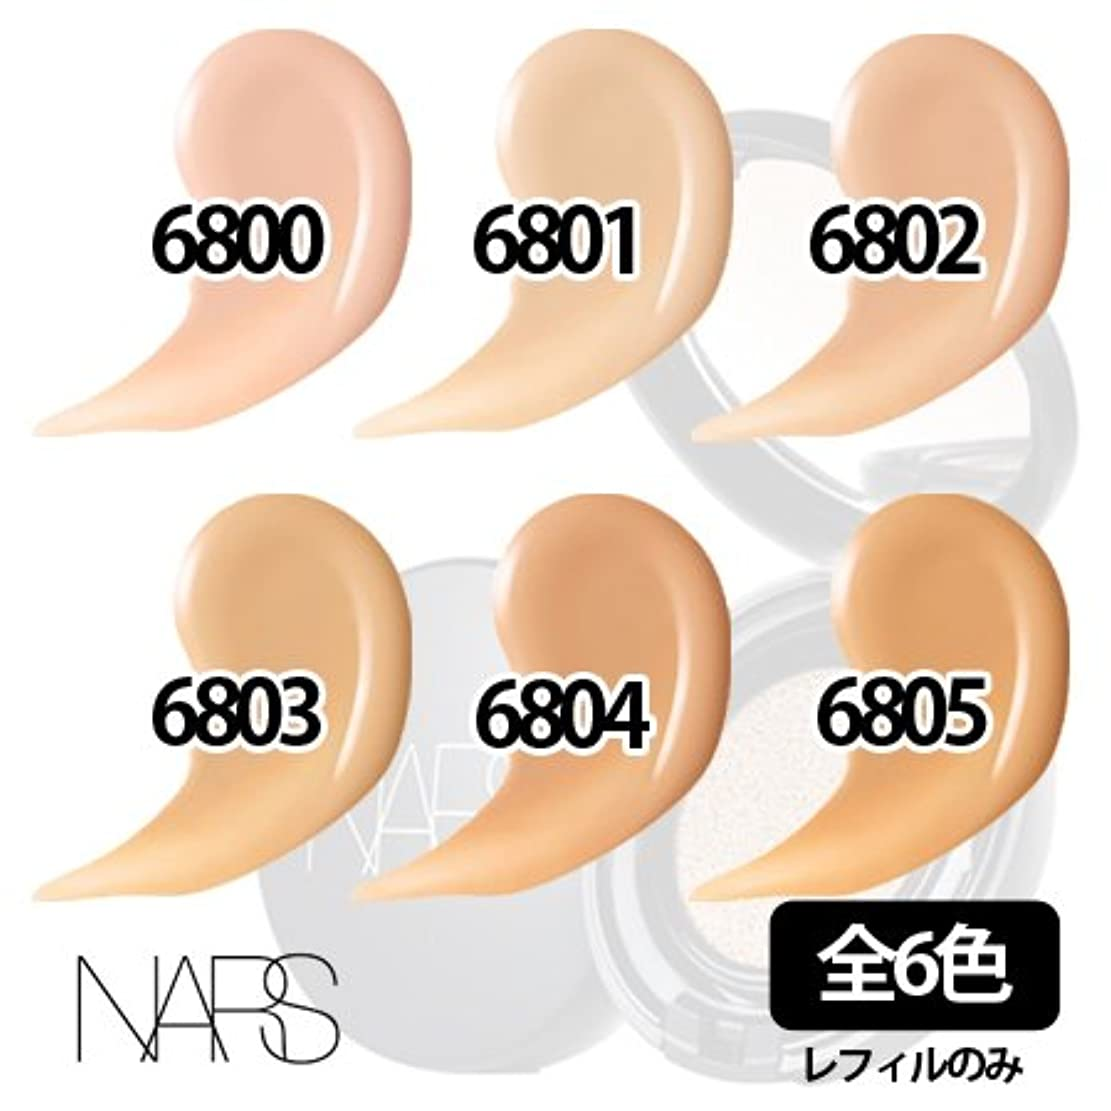 彼ぎこちない副ナーズ アクアティック グロー クッションコンパクト 全6色 [アジア限定] -NARS- (レフィルのみ ※スポンジ付き) 【並行輸入品】 6805